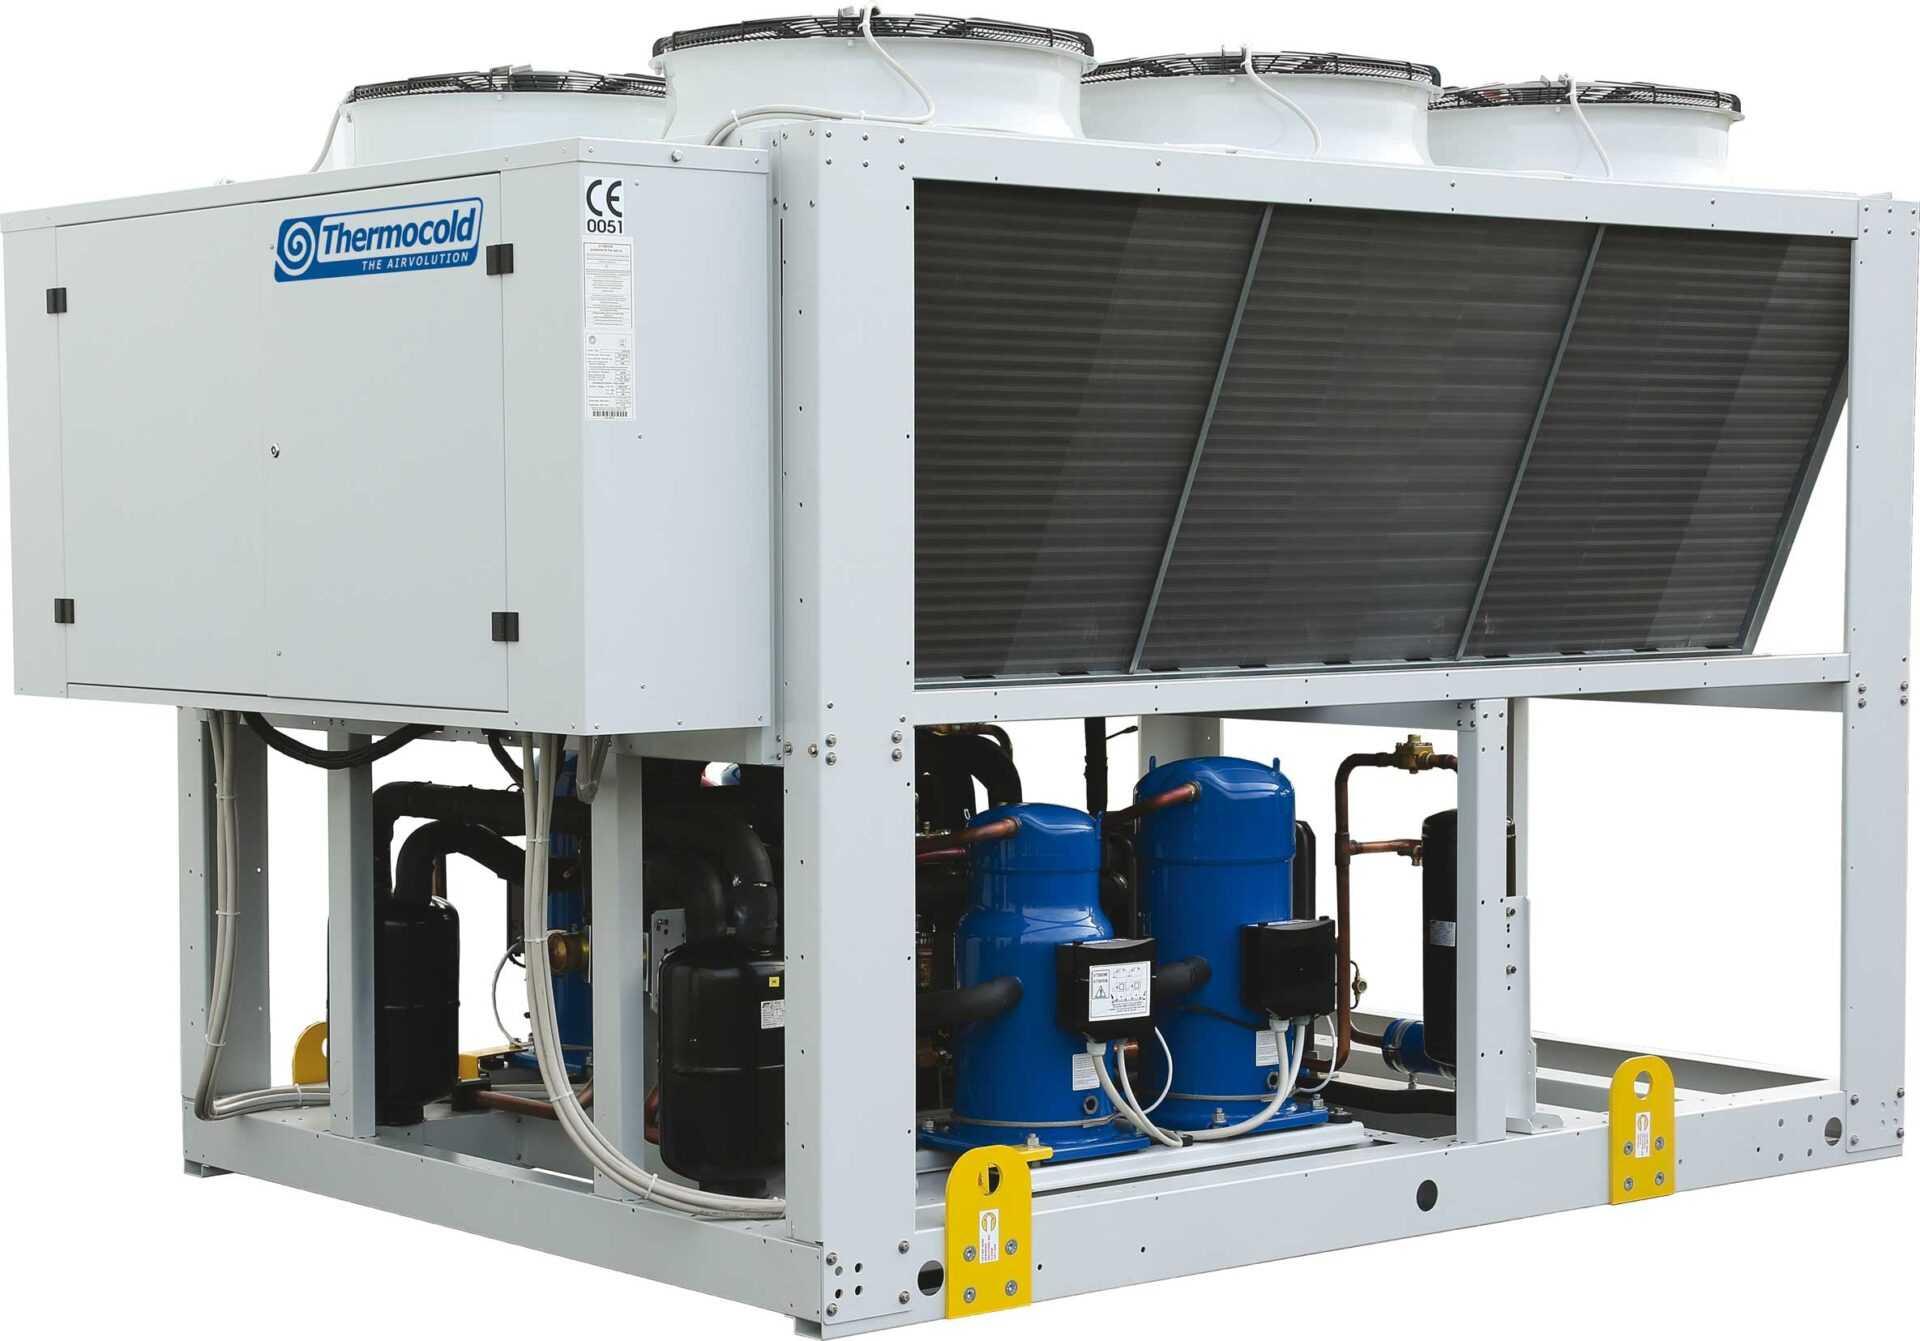 Багатофункціональний повітряно-водяний блок для зовнішньої установки QUATTRO PROZONE